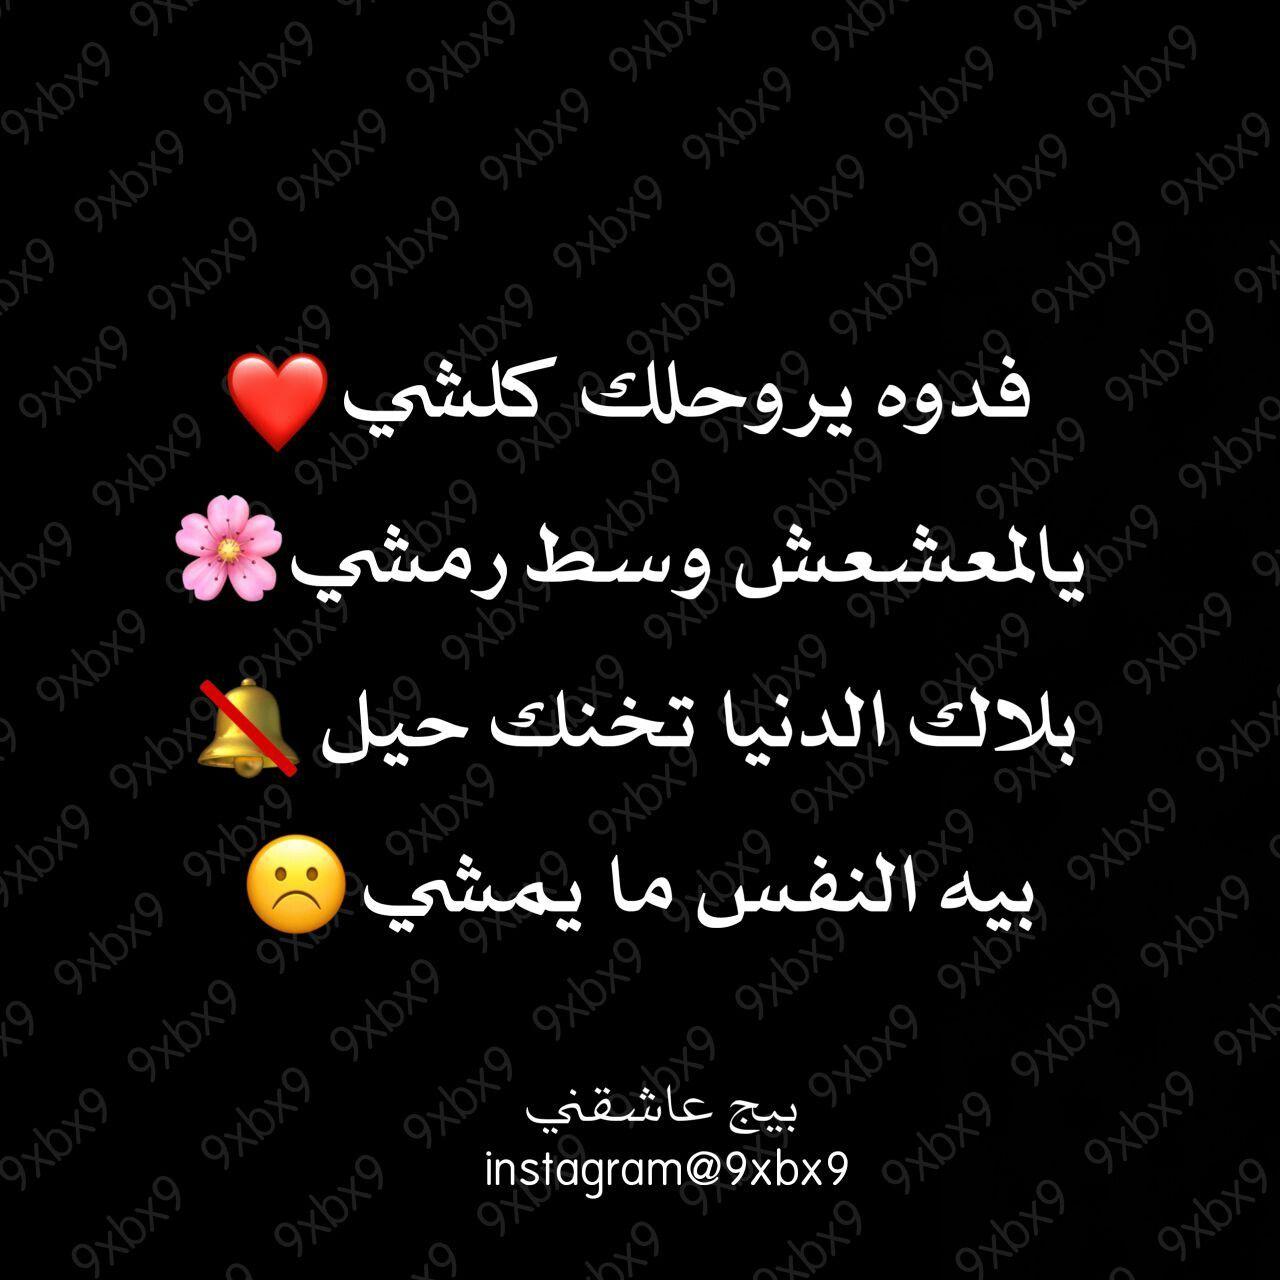 غزل عراقي حب شعر فدوه Arabic Love Quotes Movie Quotes Funny Funny Arabic Quotes